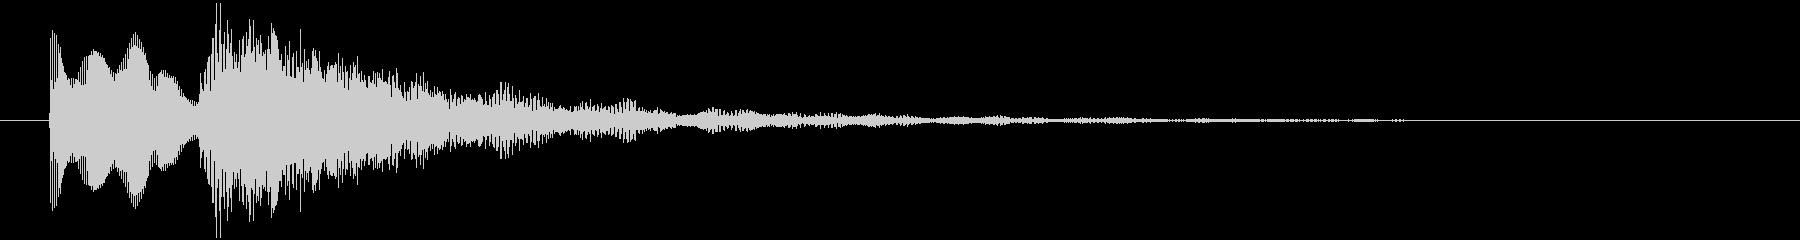 エレピの優しい音サウンドロゴ、ジングルにの未再生の波形